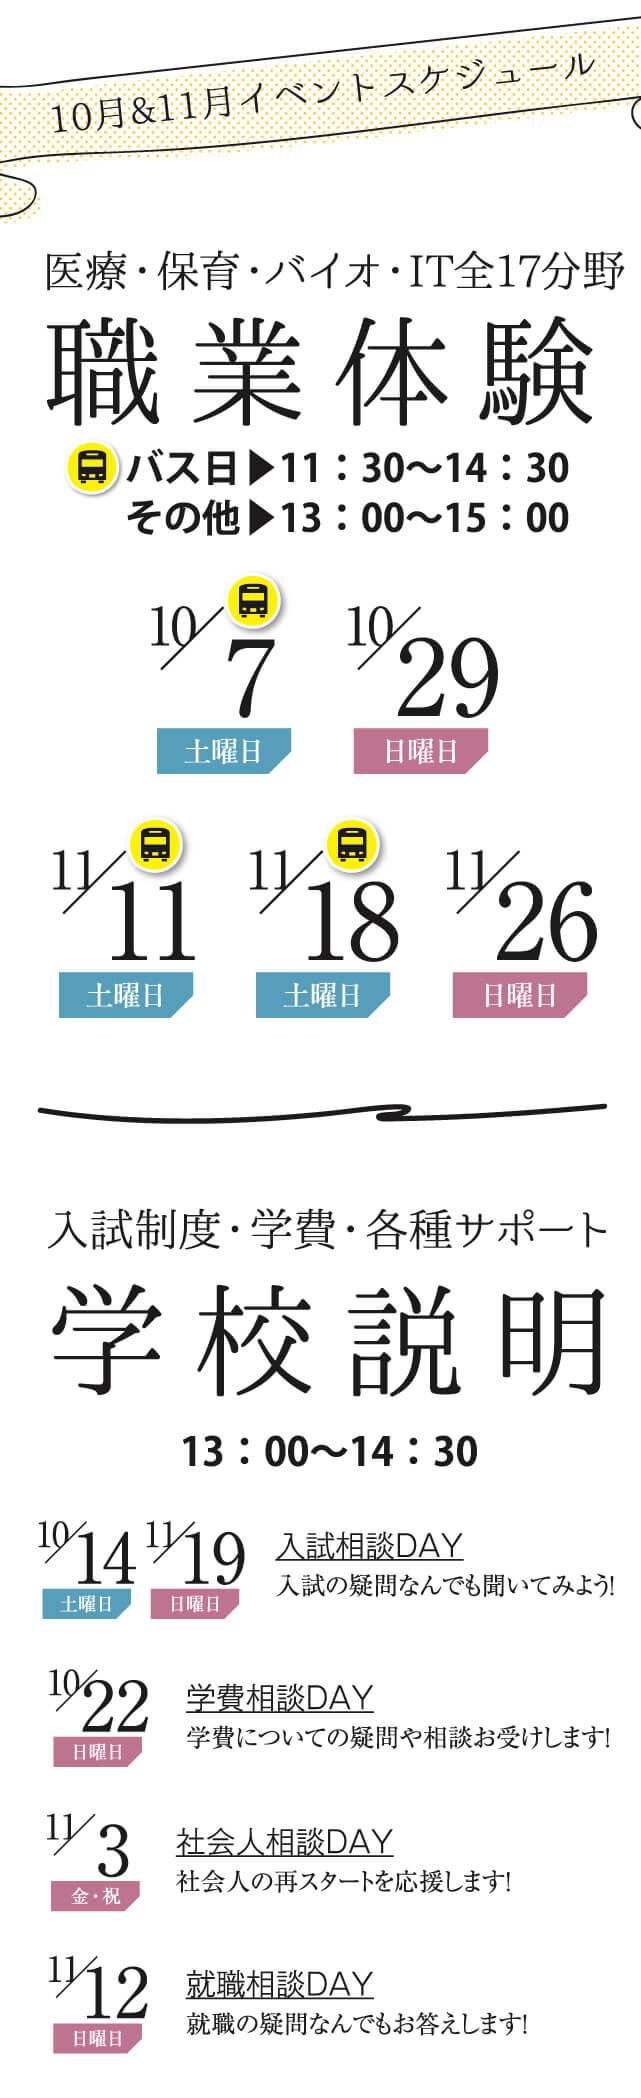 20170925_お知らせ-01